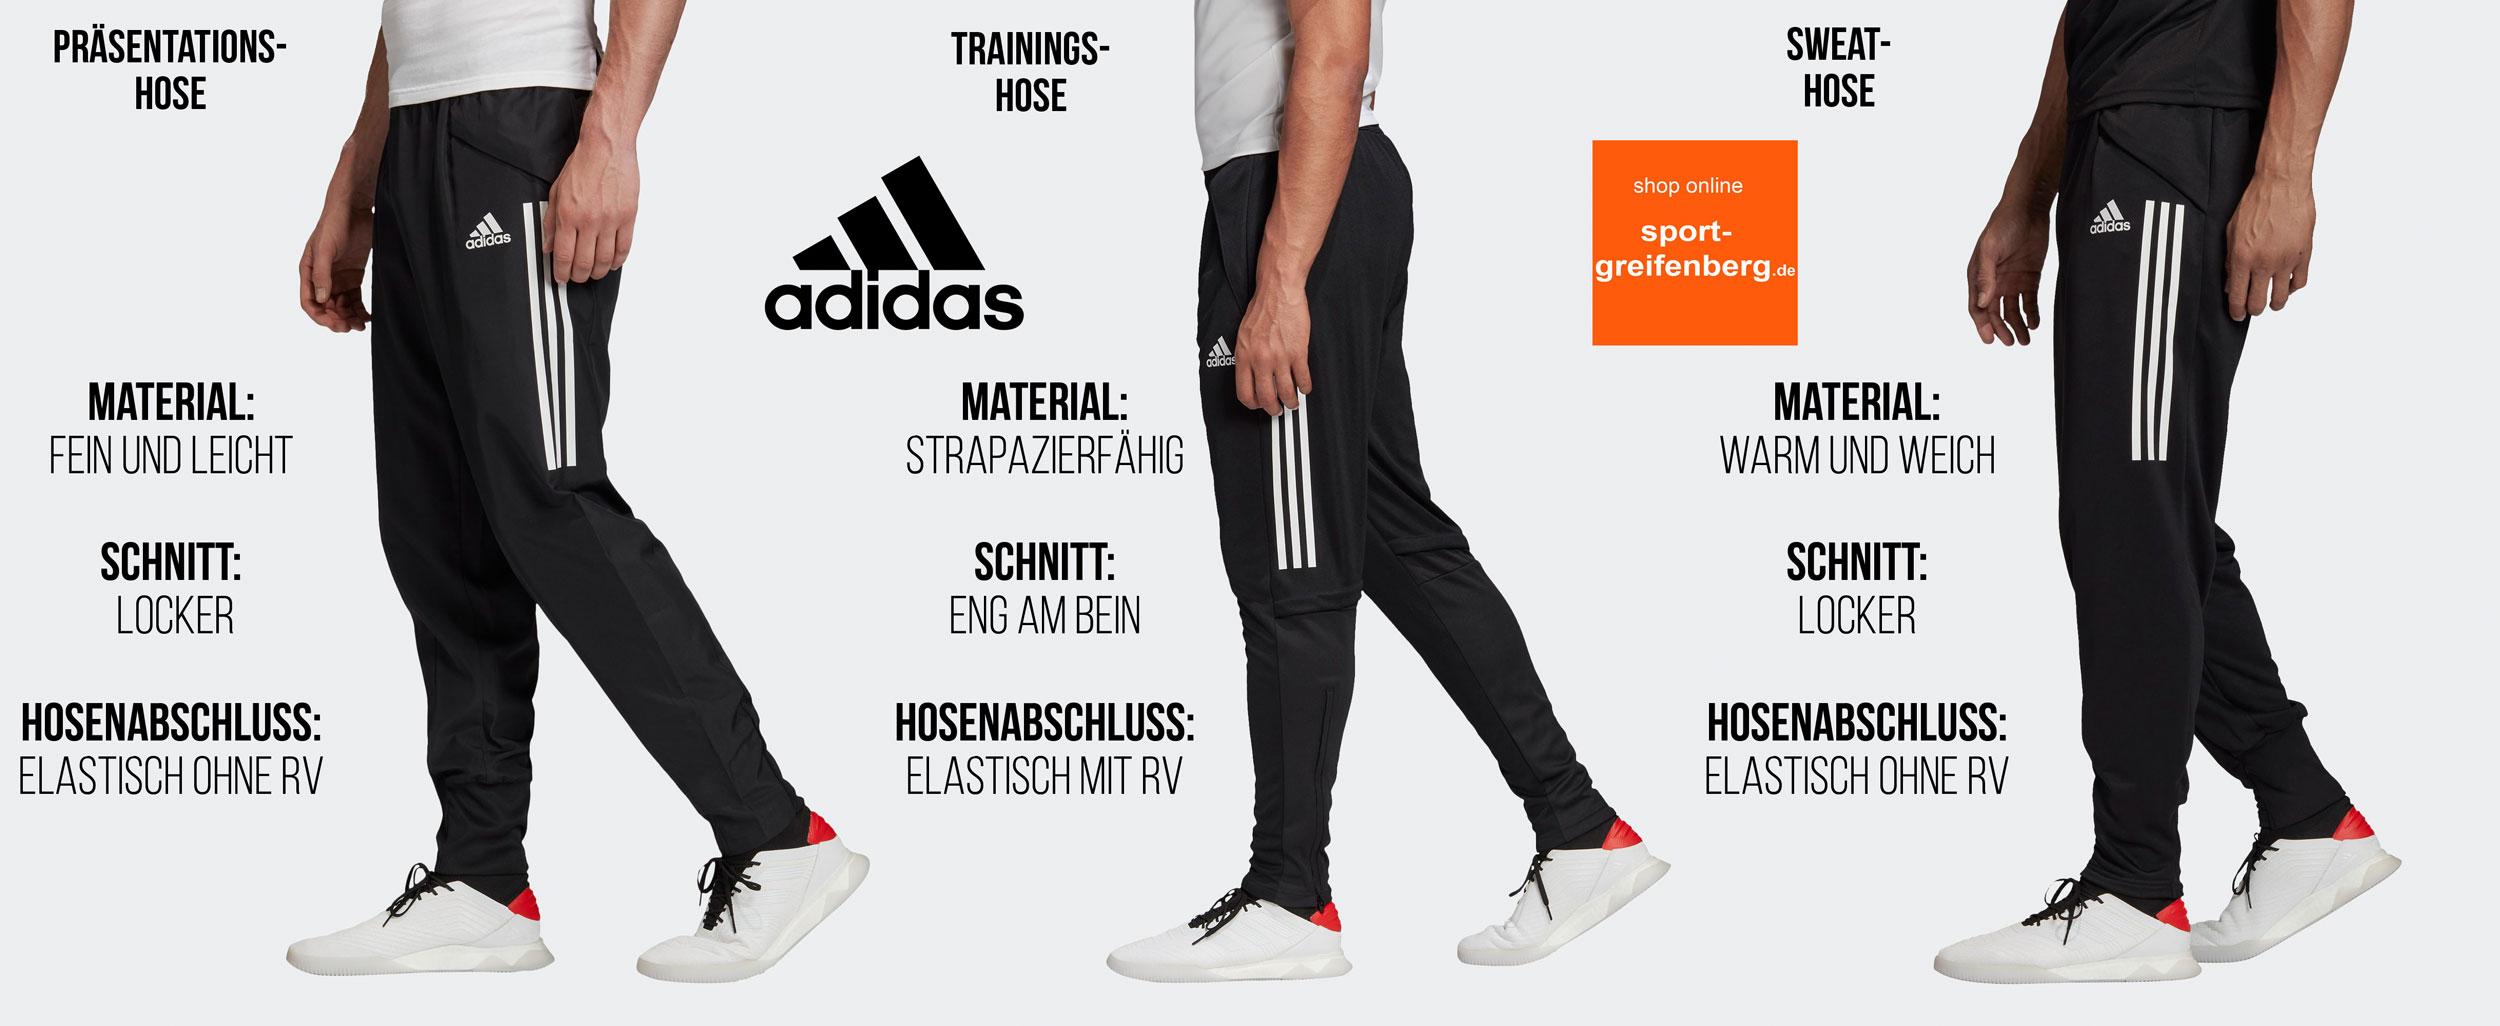 Die adidas Trainingshosen im Vergleich